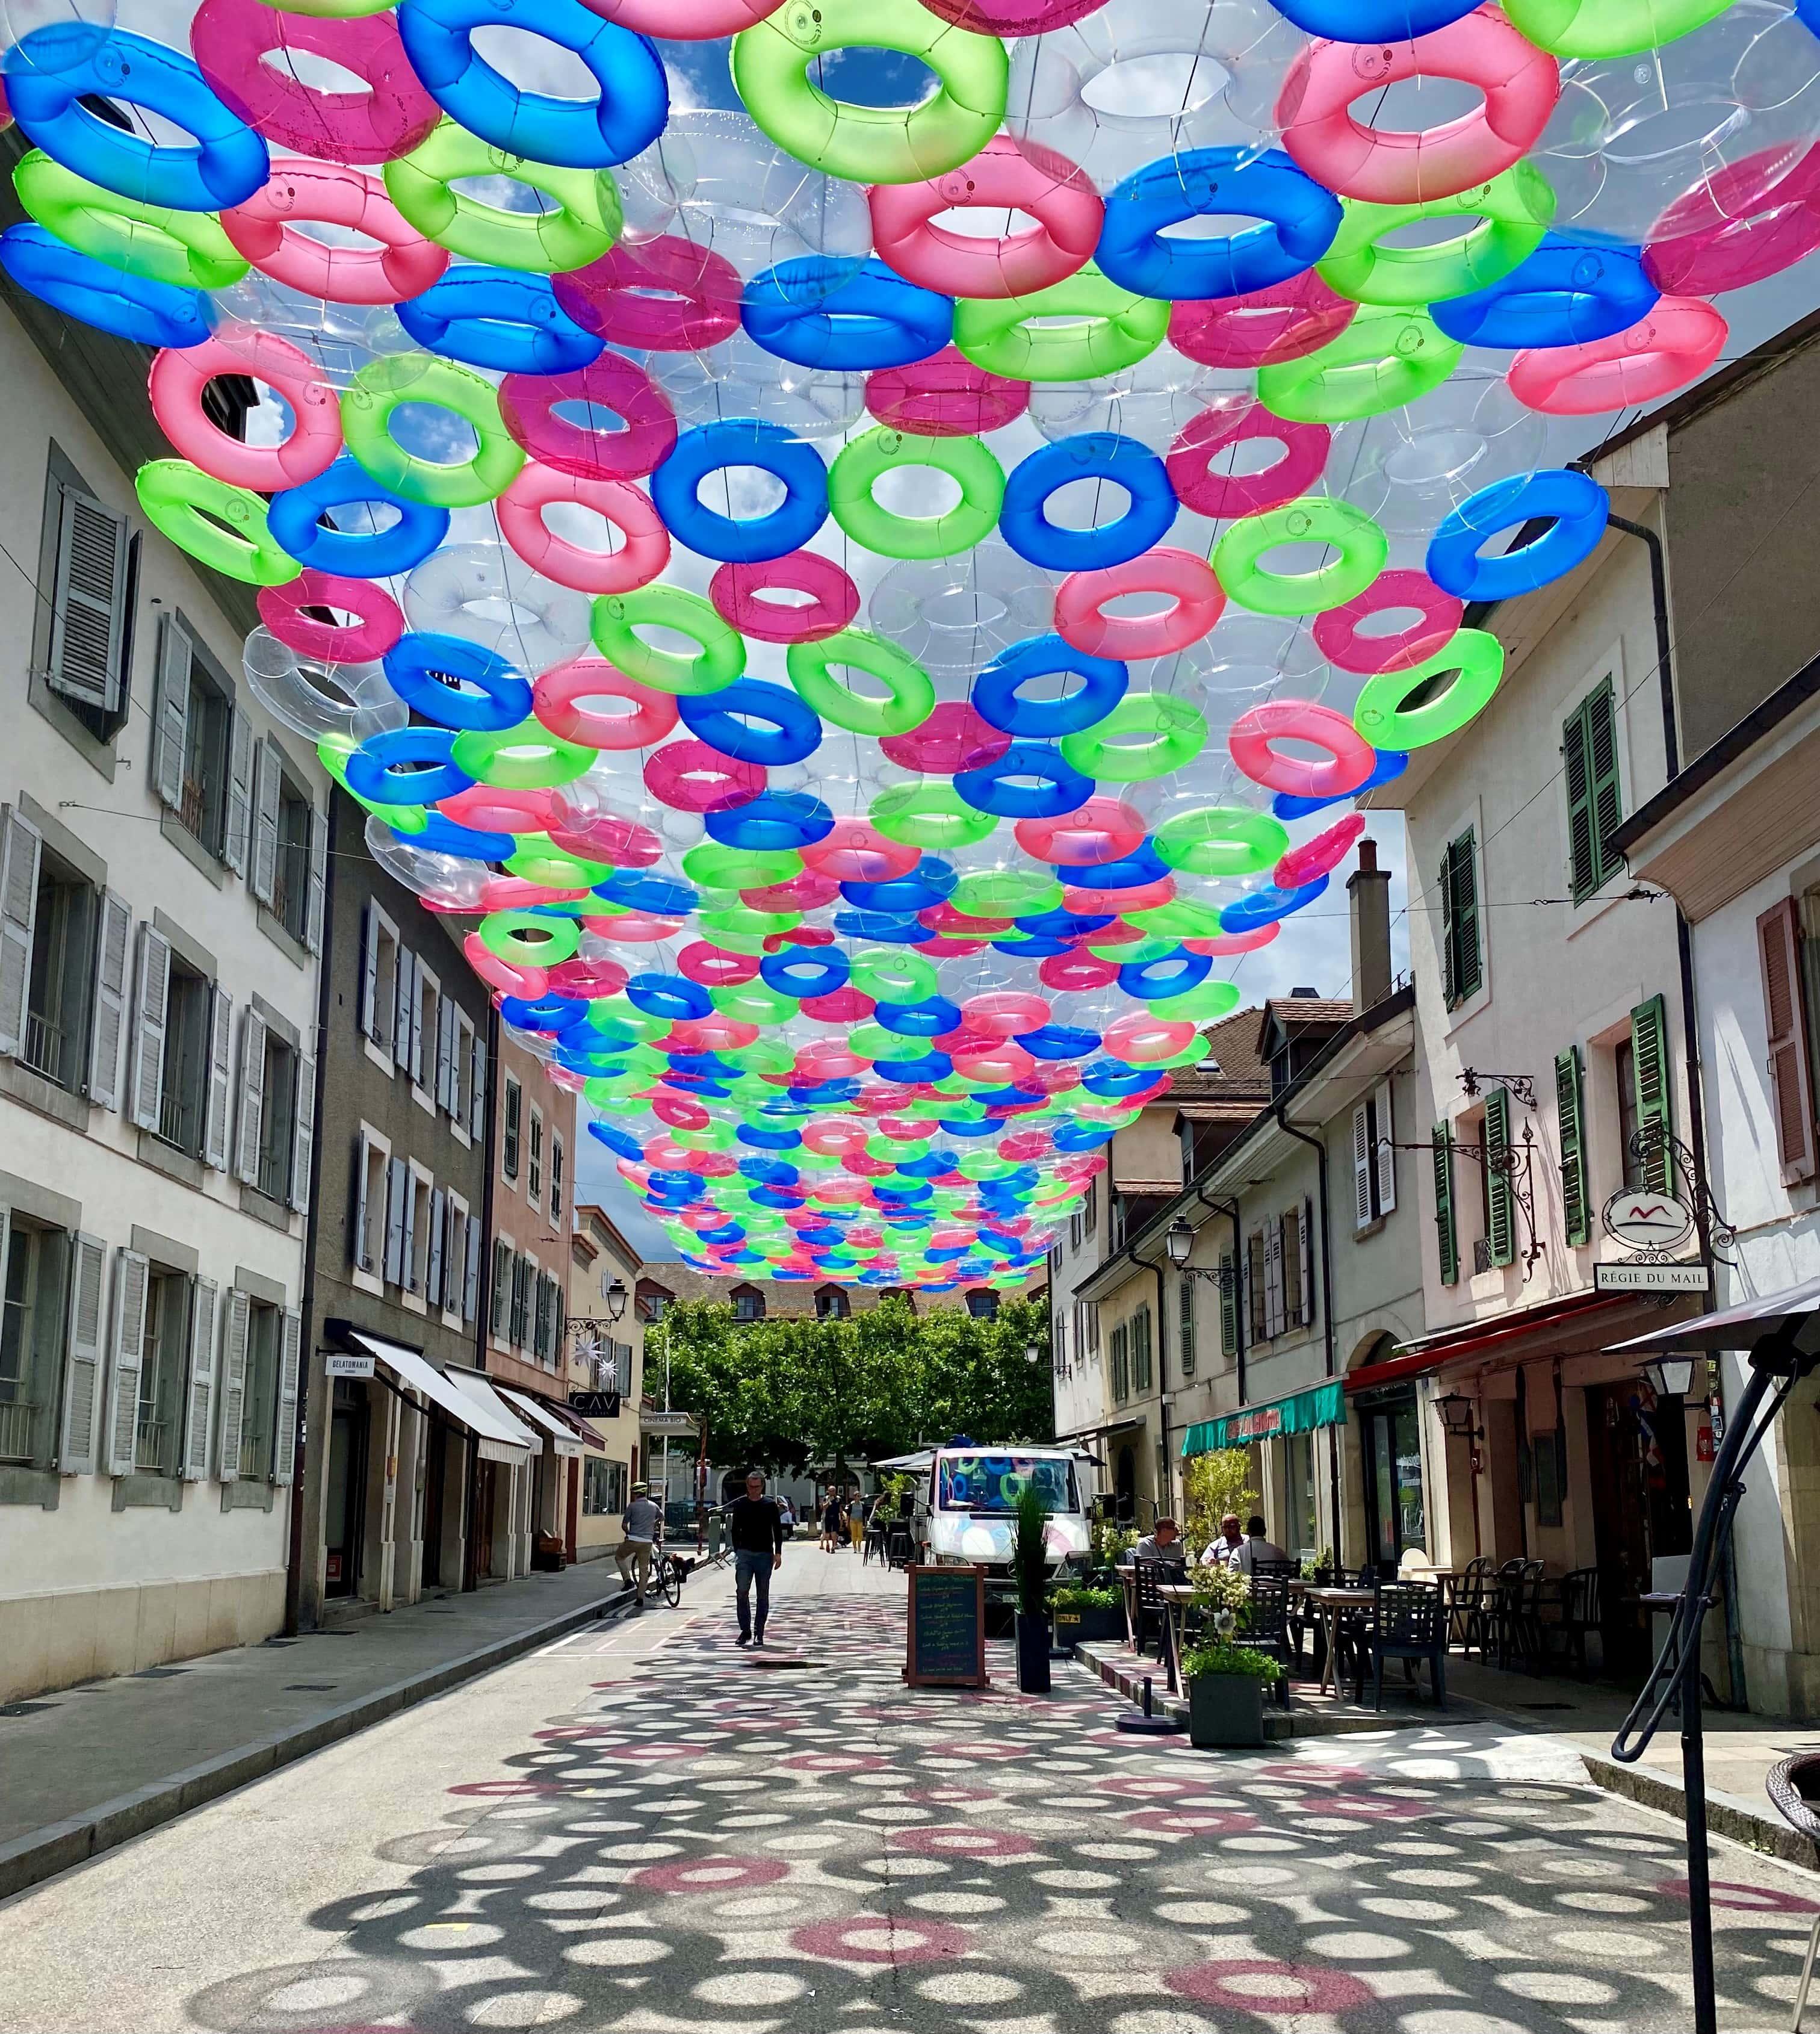 rue_st-joseph_bouees_ete_2021_cstephanie_bouvier